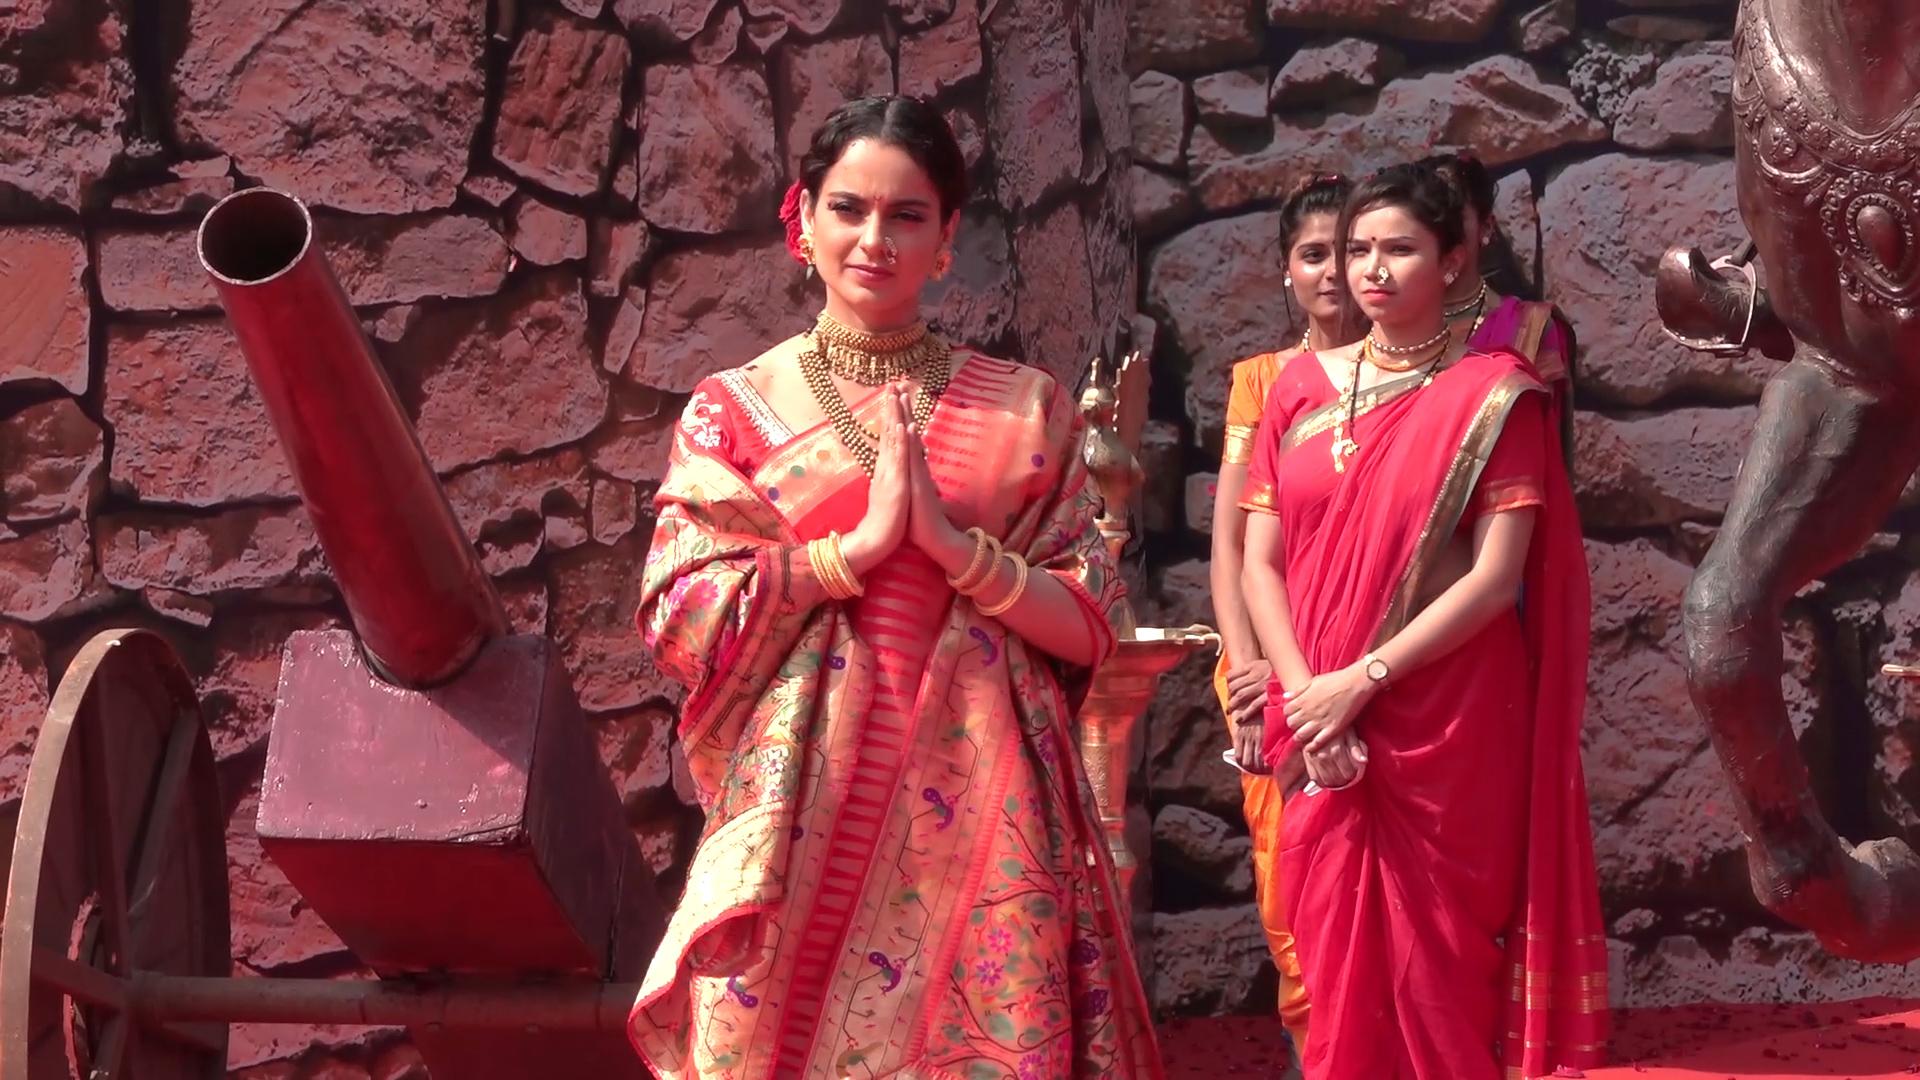 Watch: Kanagana Ranaut launches trailer of new film Manikarnika